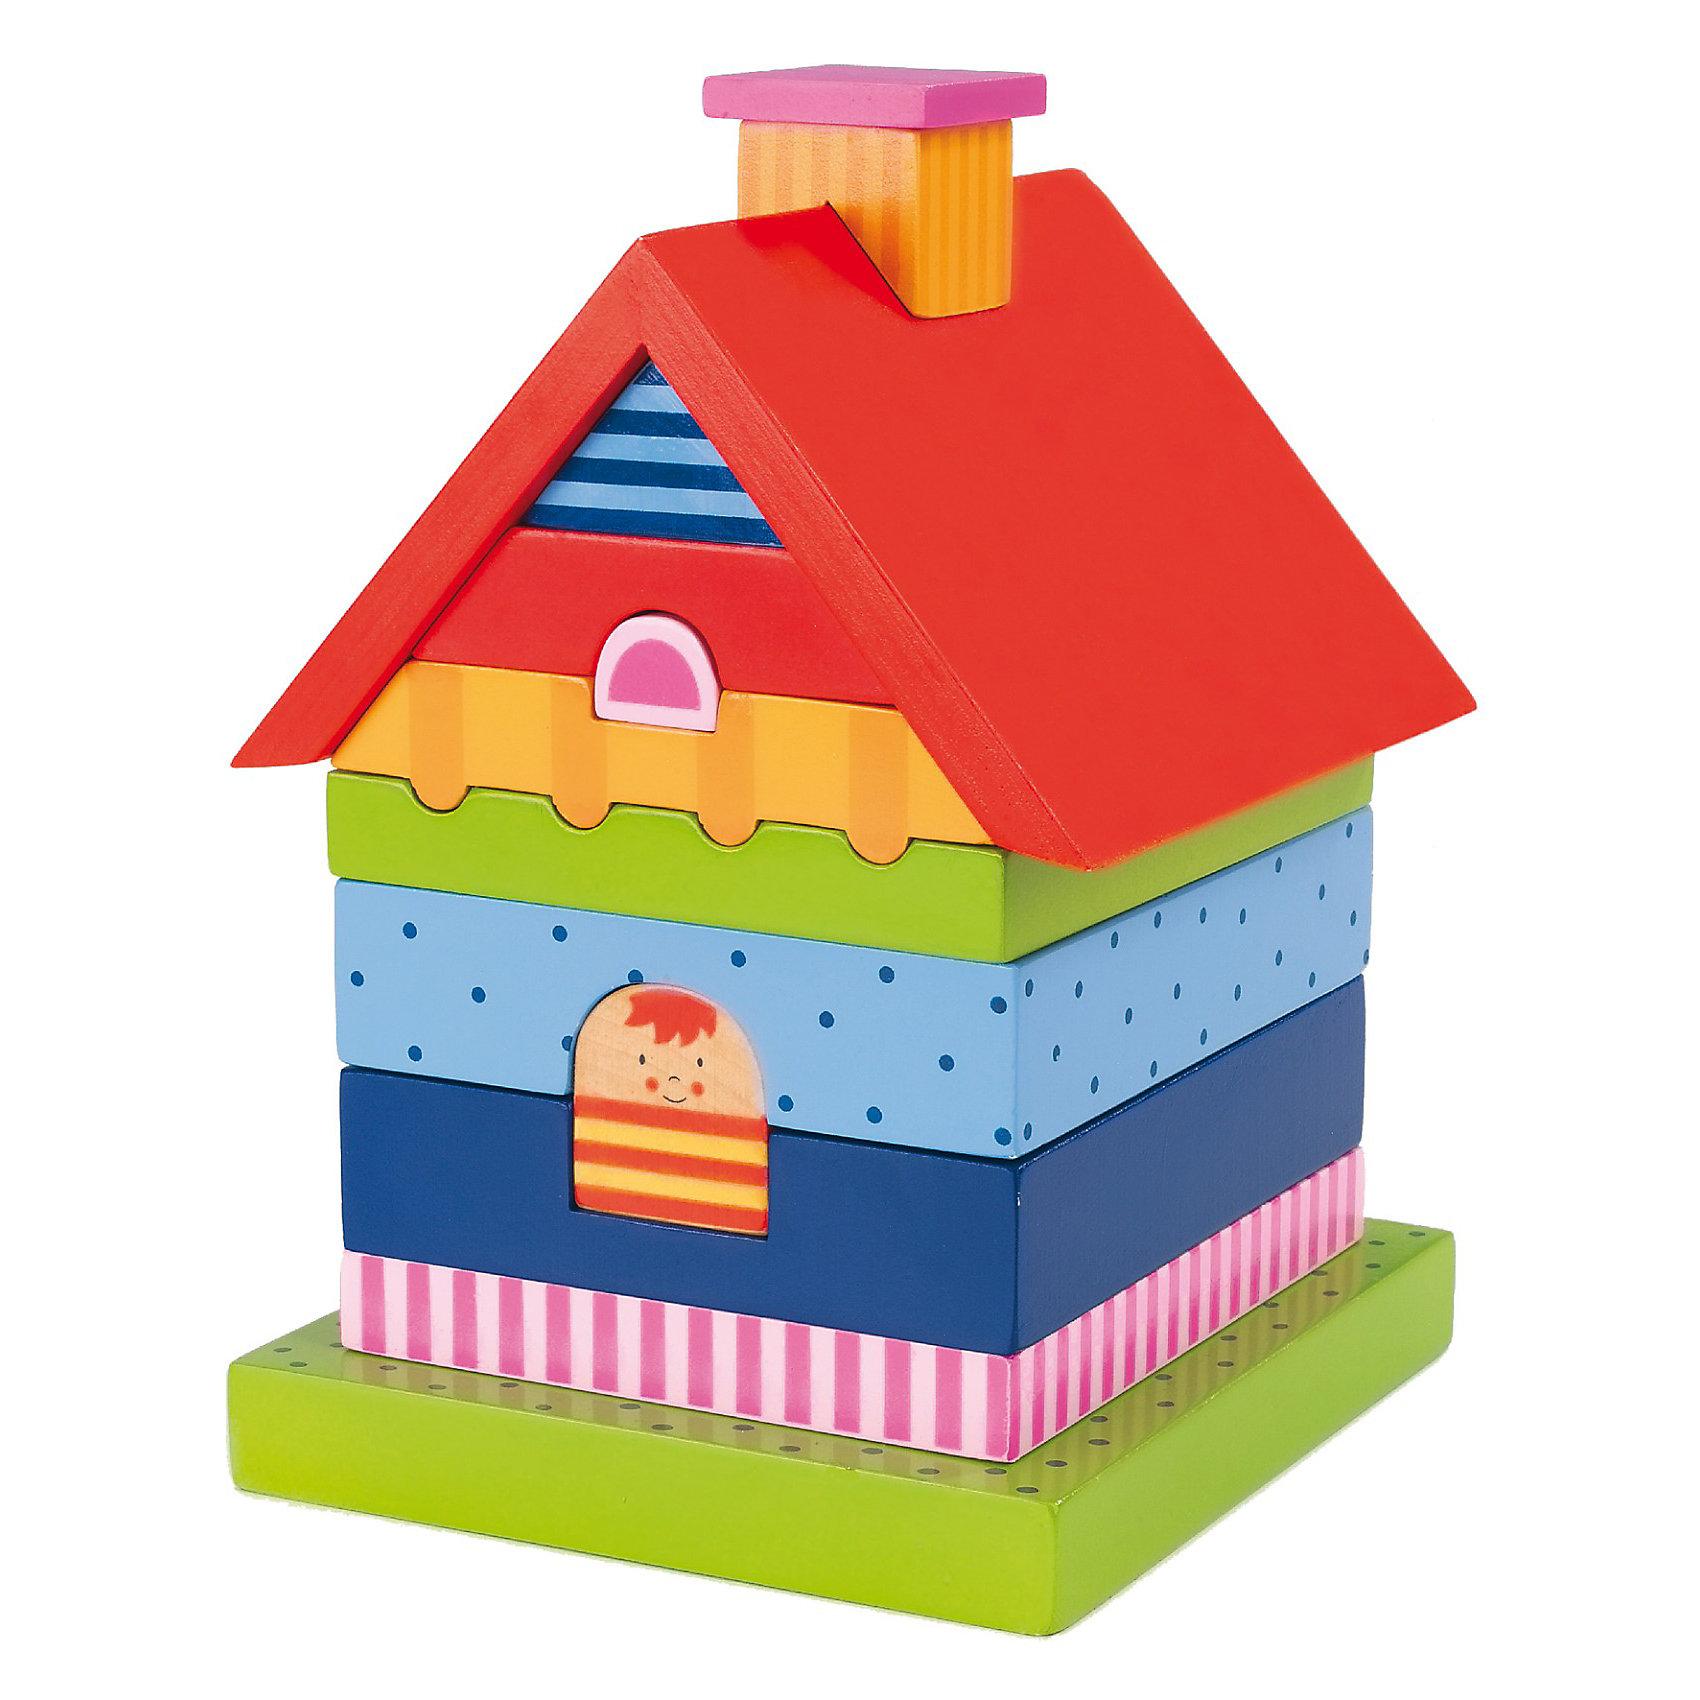 Пирамидка Вилла, gokiПирамидка Вилла от Toys Pure. <br><br>Не так просто построить настоящий дом! Для этого нужно соединить 14 различных деталей. Интересный вызов для детей от 12 месяцев.<br><br>Дополнительная информация:<br><br>Материал: дерево.<br>Размер игрушки: 13,5 х 15,5 х 21 см.<br><br>Ширина мм: 210<br>Глубина мм: 135<br>Высота мм: 140<br>Вес г: 1640<br>Возраст от месяцев: 12<br>Возраст до месяцев: 48<br>Пол: Унисекс<br>Возраст: Детский<br>SKU: 1867665